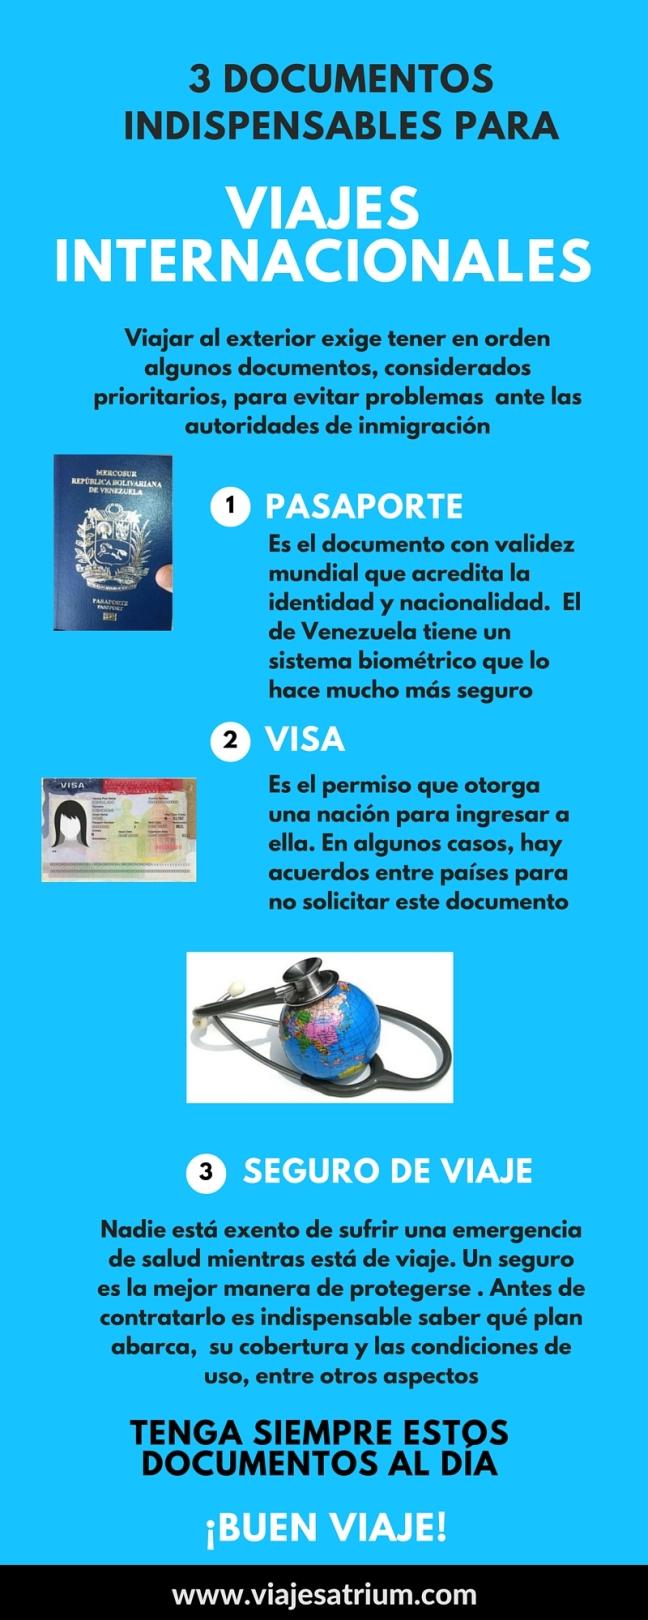 Infografía sobre documentos viajes al exterior